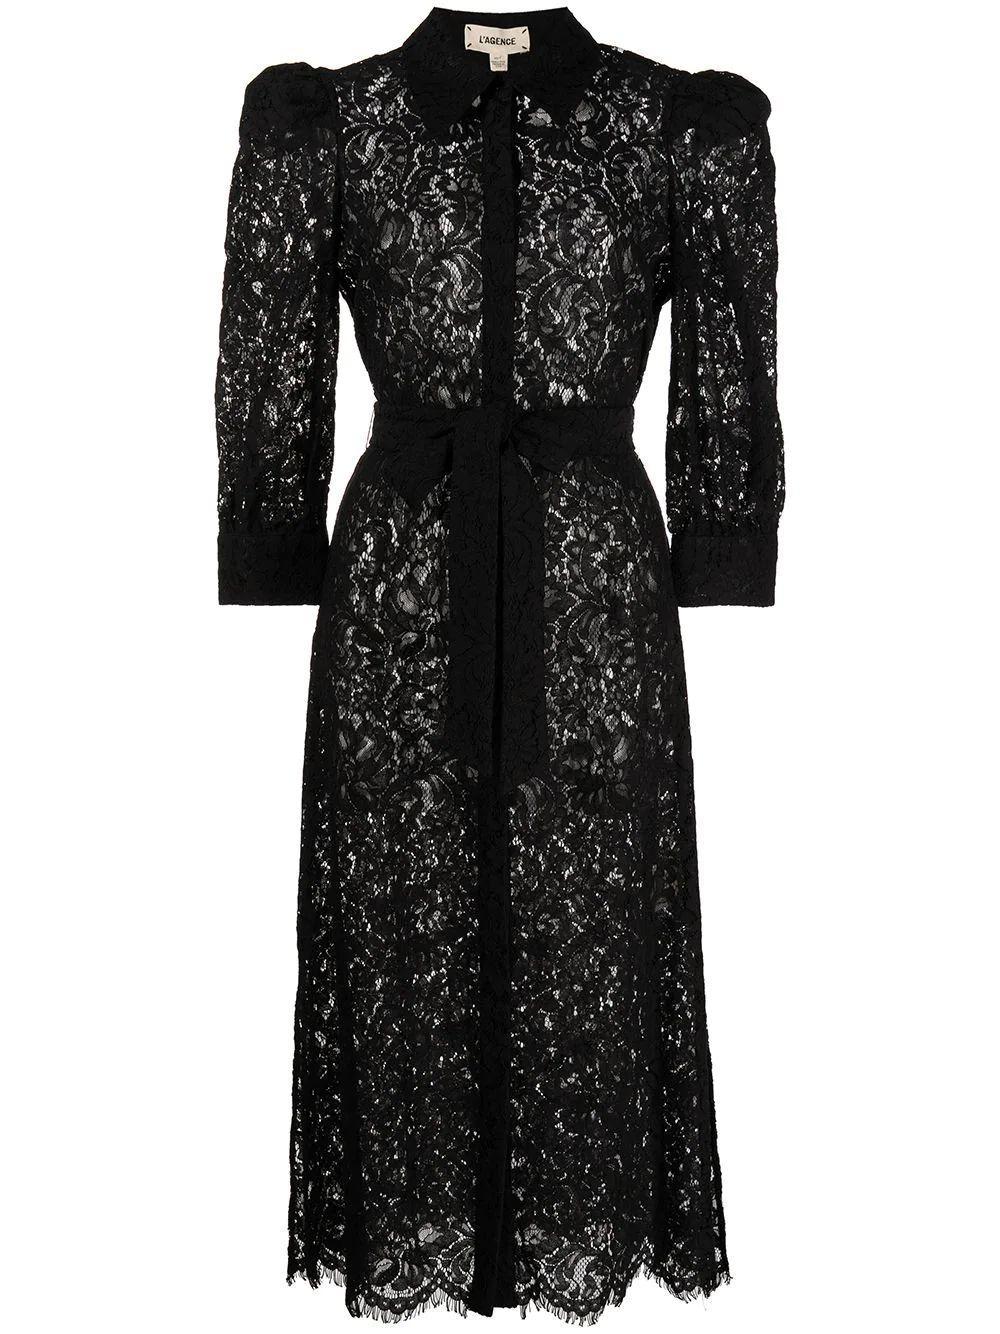 Kaiya Lace Dress Item # 61148HCL